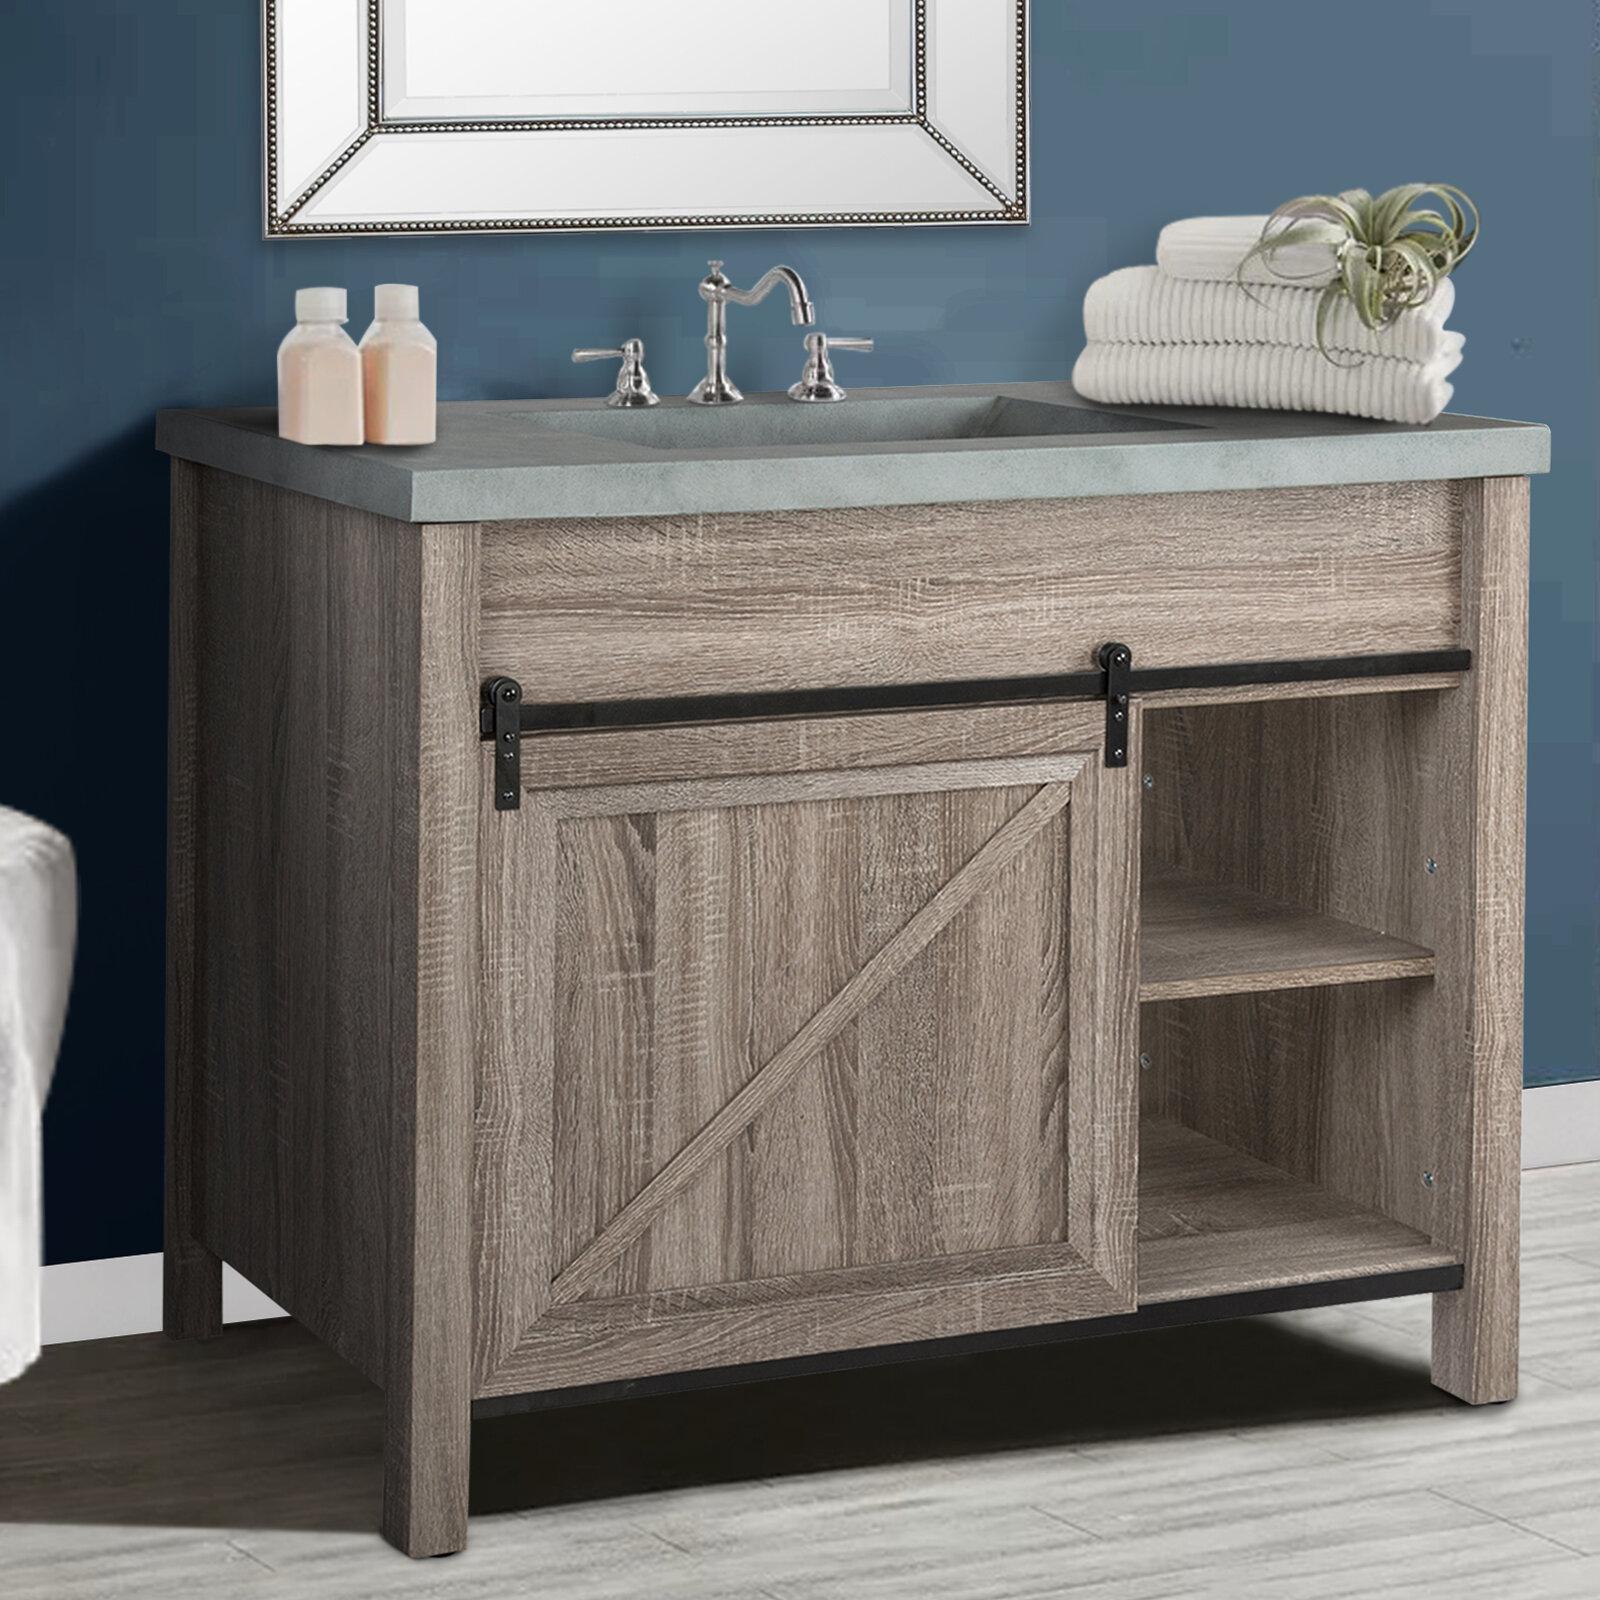 Gracie Oaks Ayan 42 Single Bathroom Vanity Set Reviews Wayfair